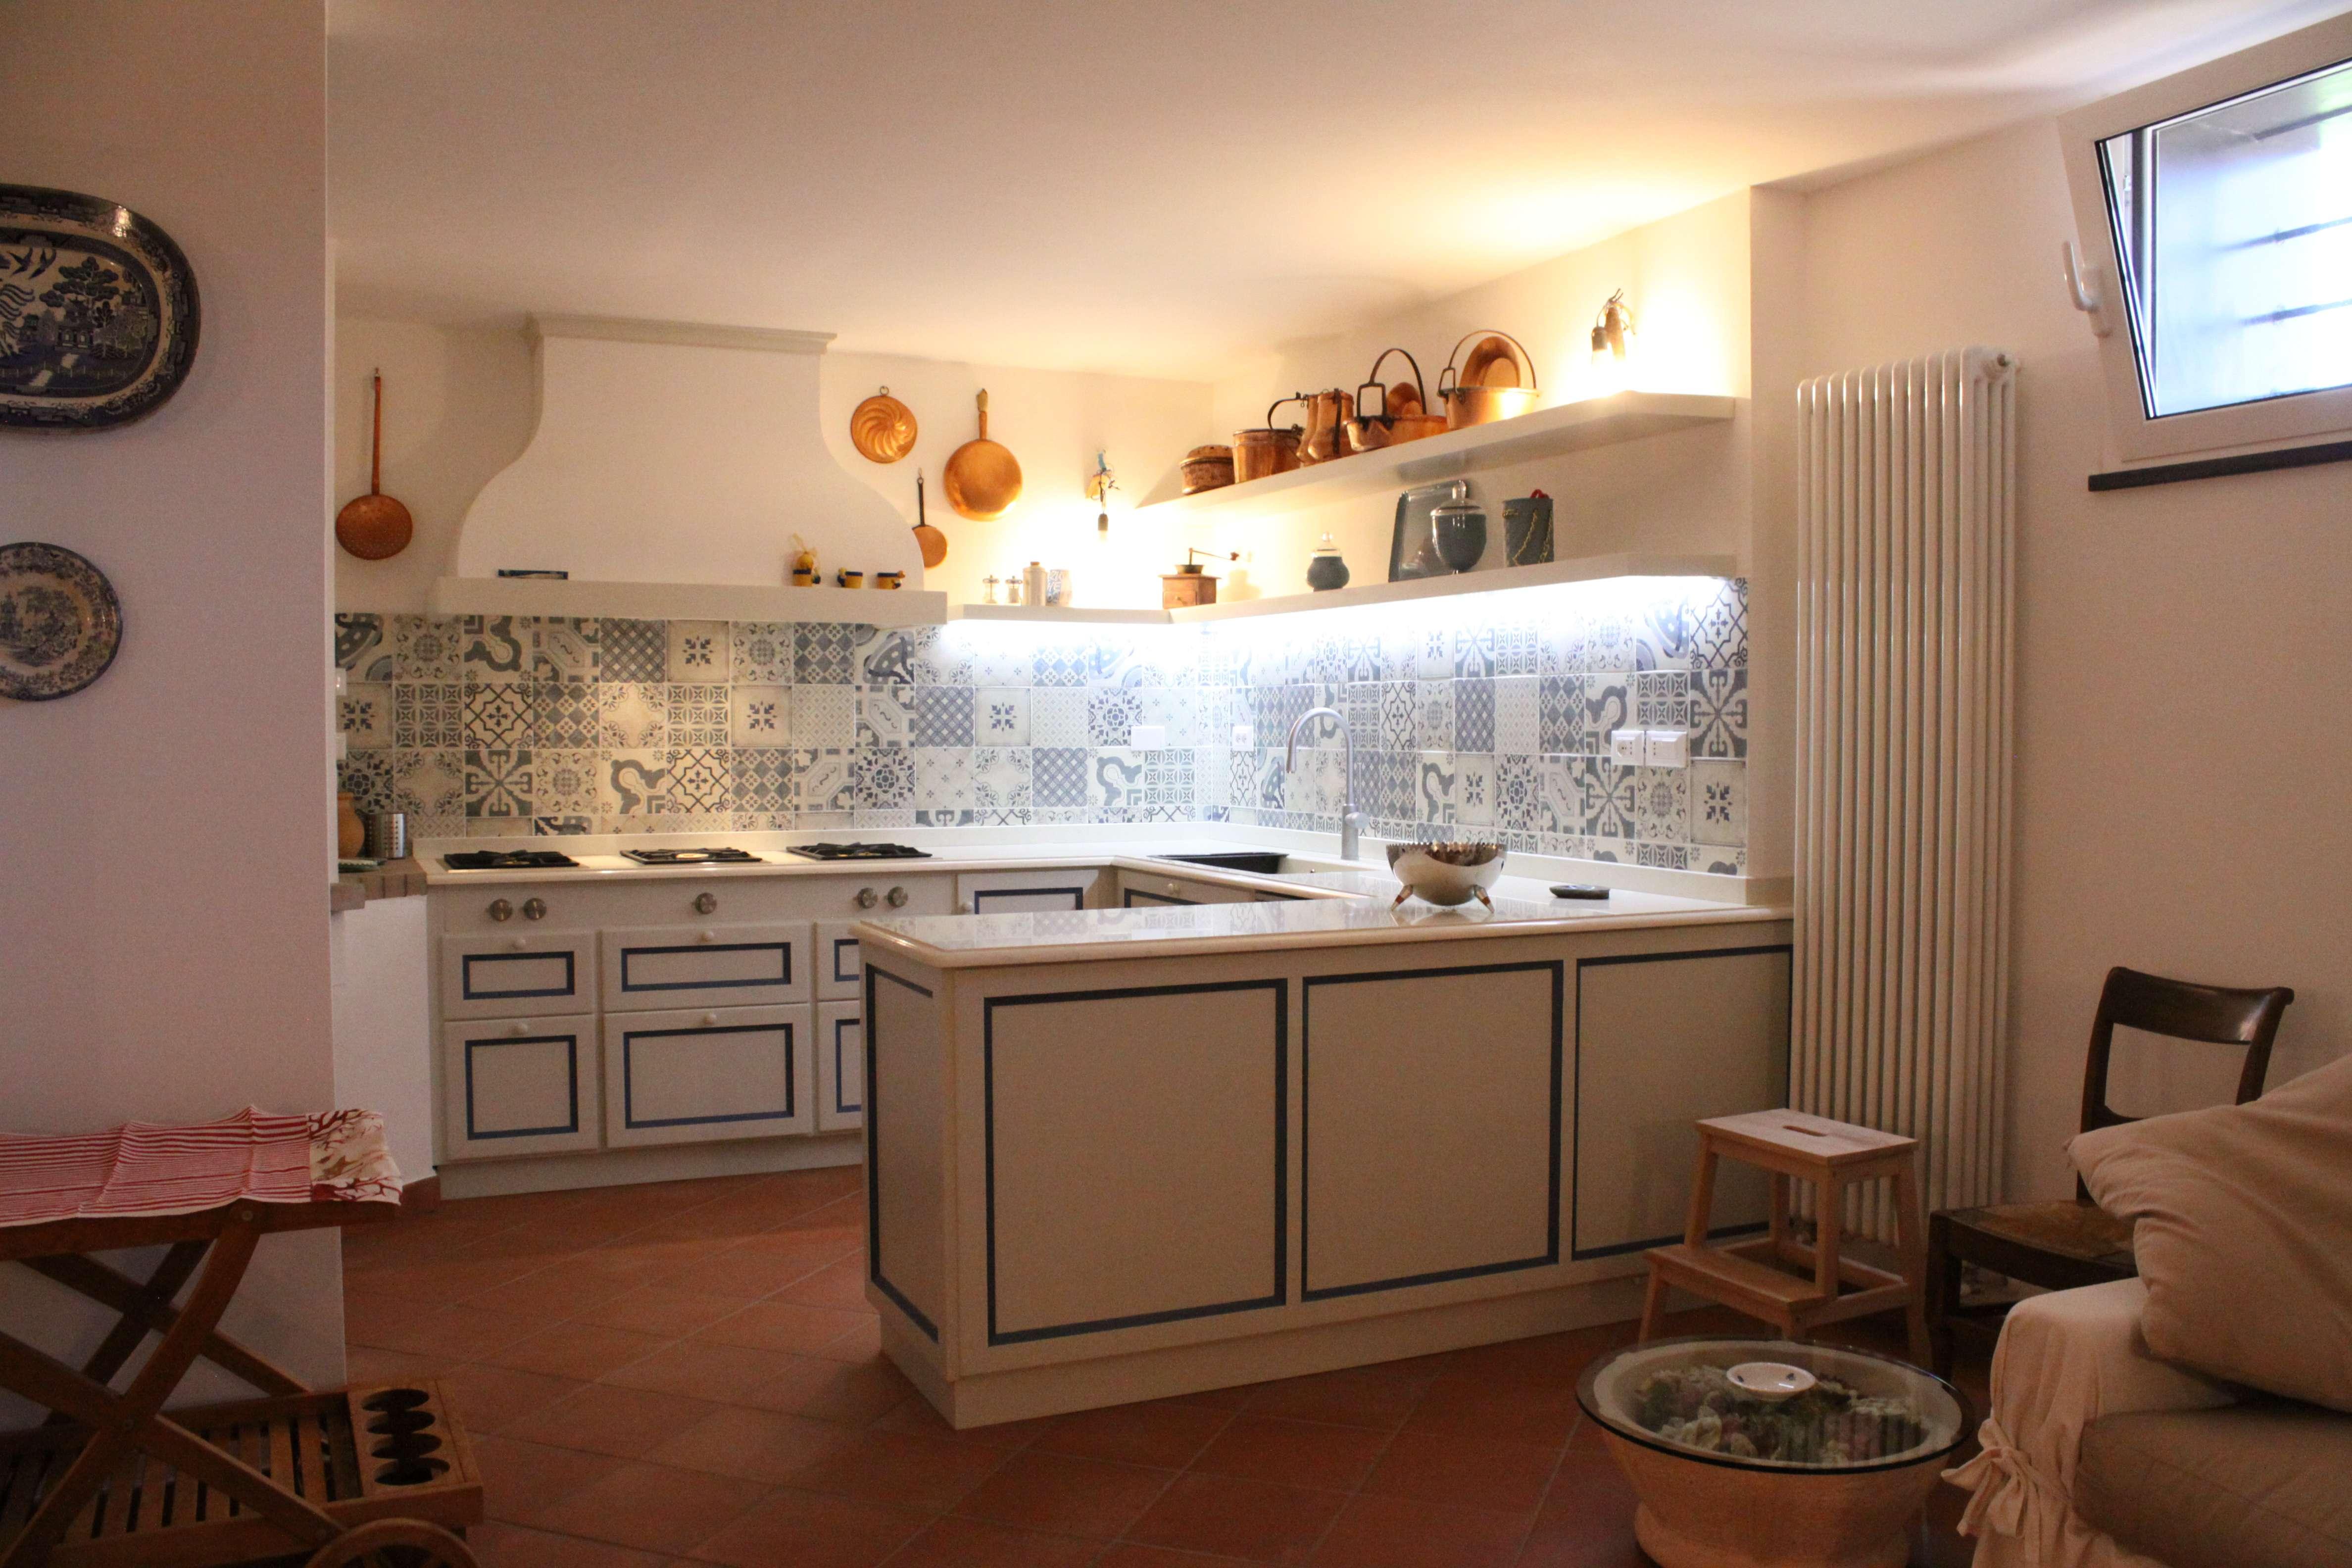 Cucine classiche Cuneo, Prezzi cucine classiche, Offerte cucine ...